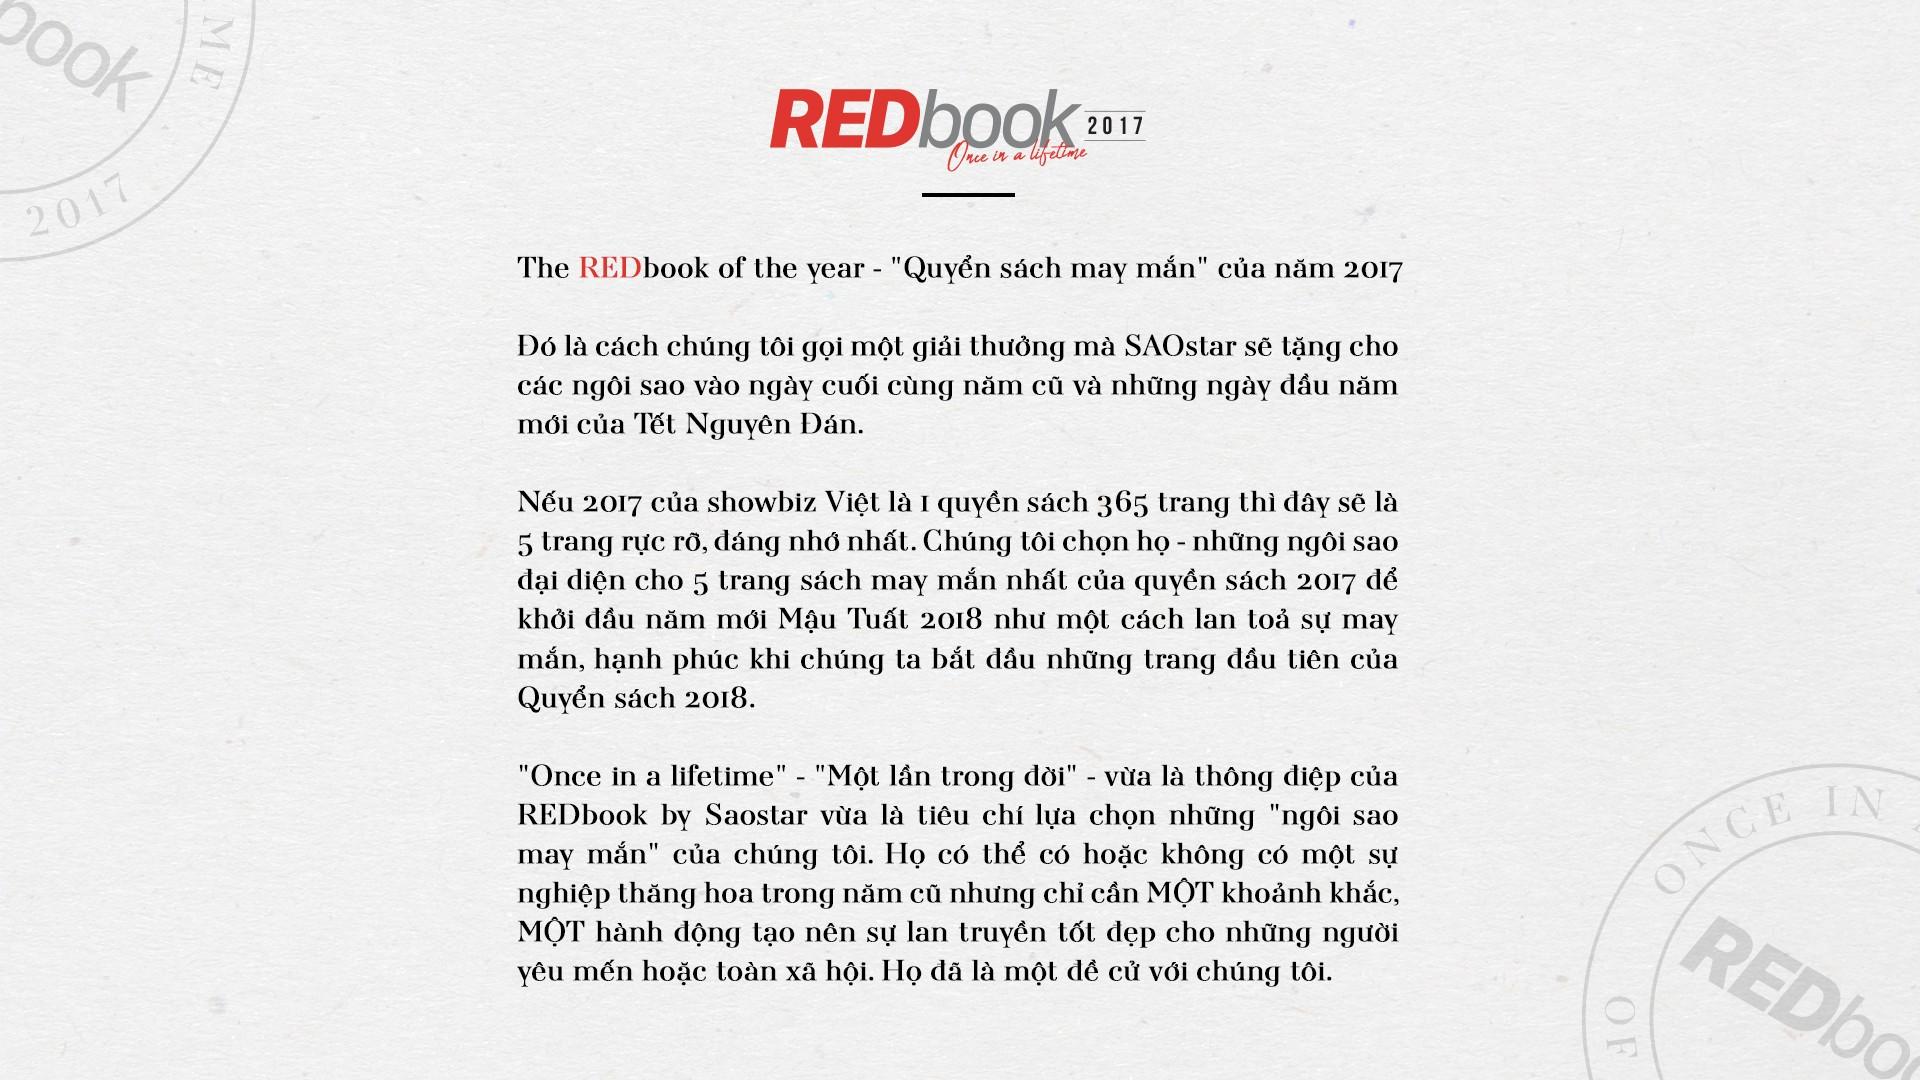 REDbook Tết Mậu Tuất - Ngôi sao mùng 1 Tết: Sơn Tùng